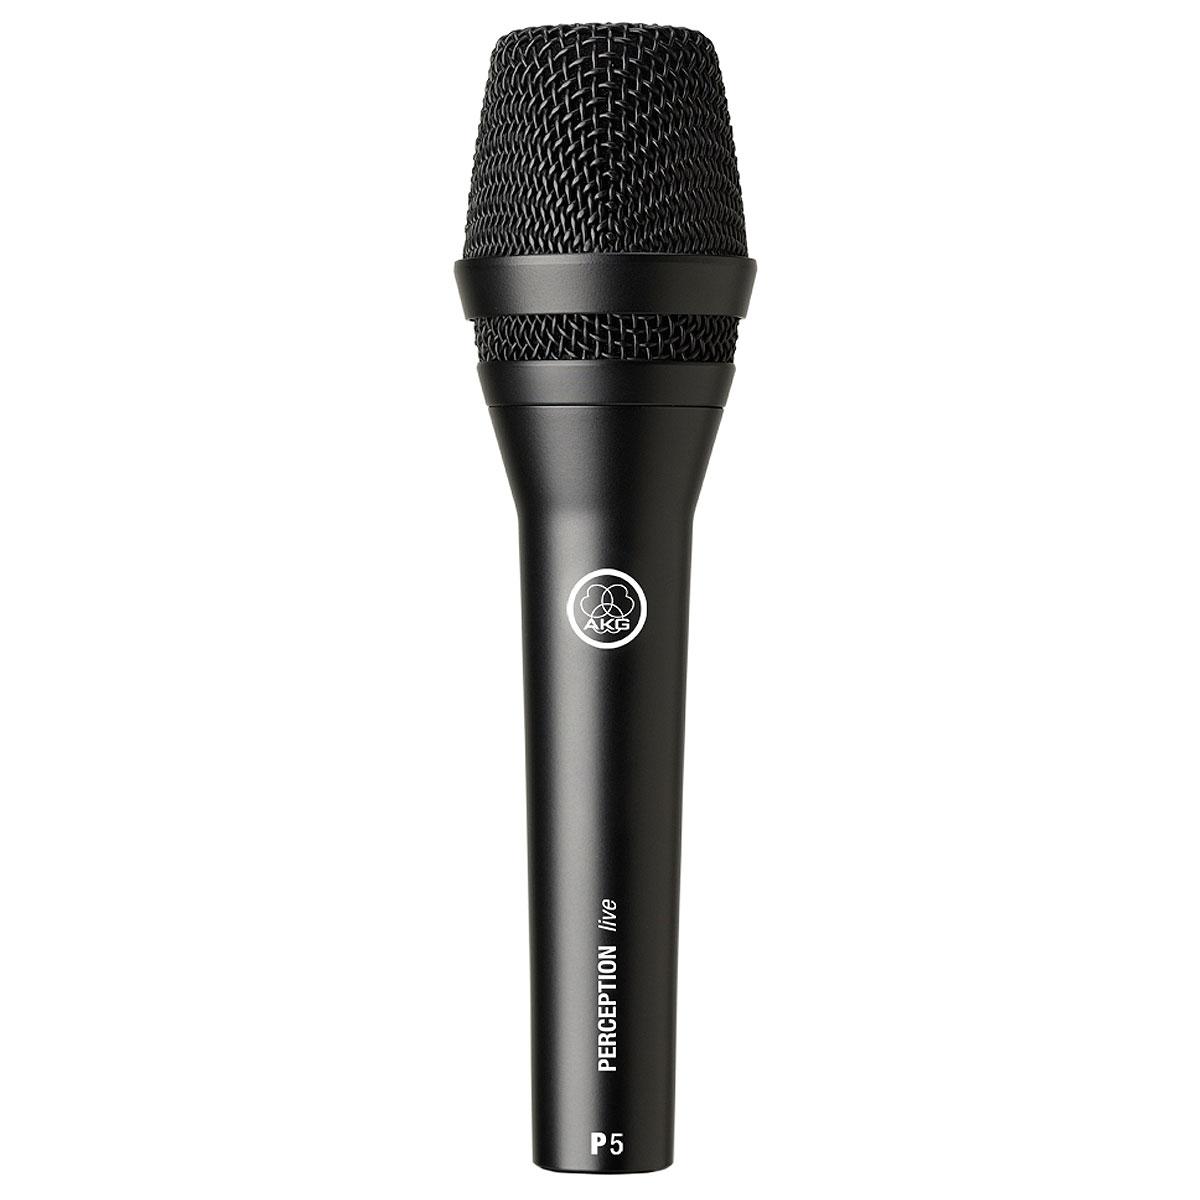 Microfone c/ Fio de Mão Perception 5S - AKG